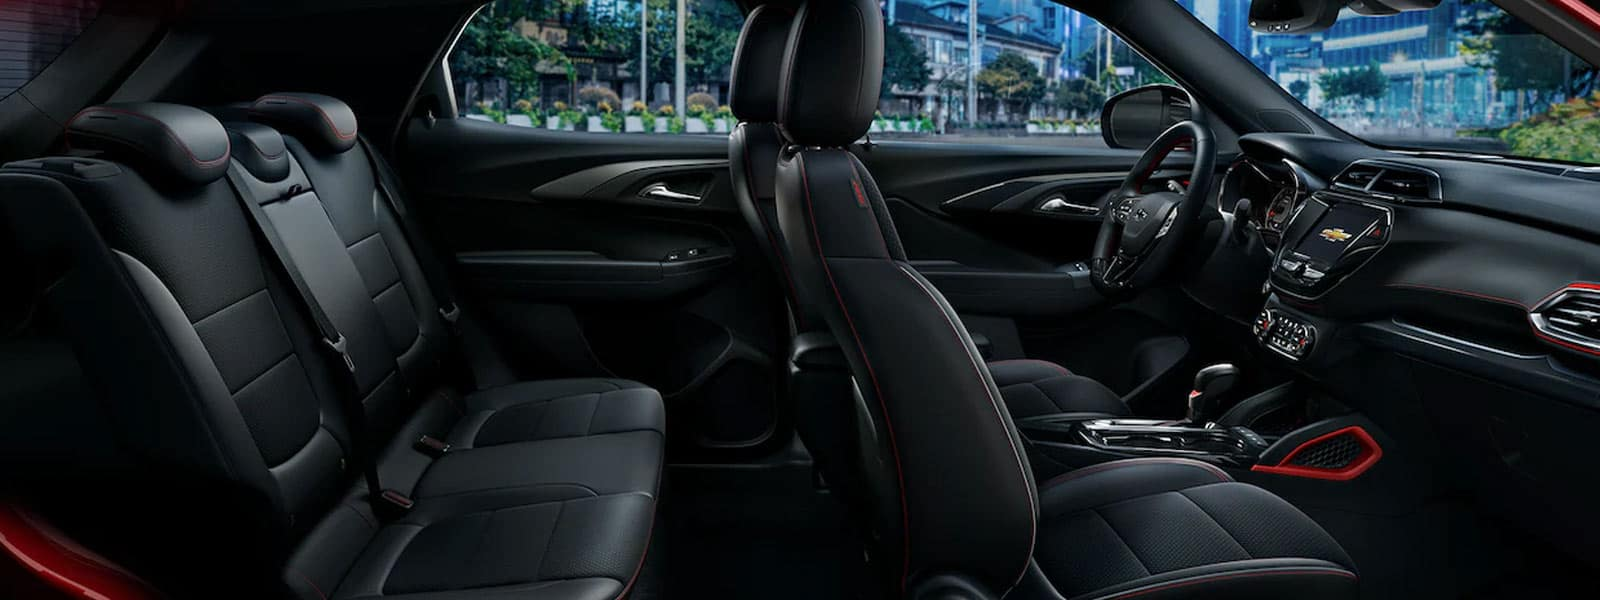 Lease or finance new 2022 Chevrolet Trailblazer in Regina Saskatchewan